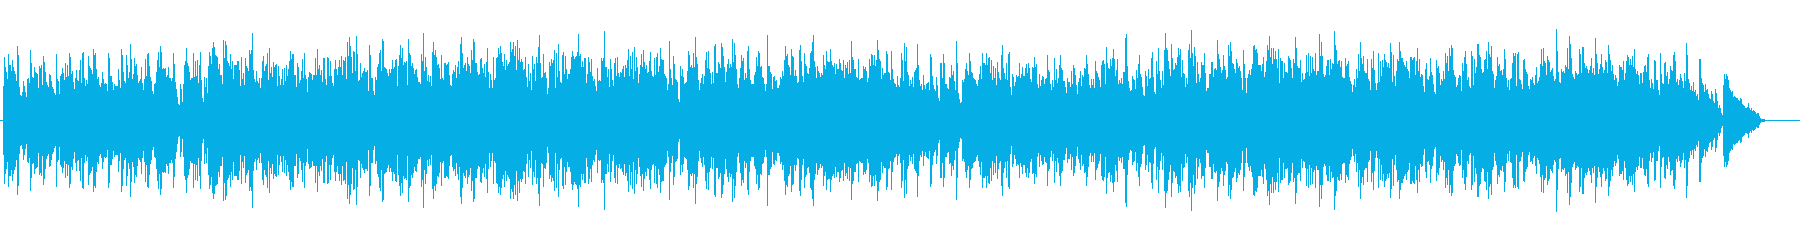 ジャズ風の優雅なBGM(フルサイズ)の再生済みの波形